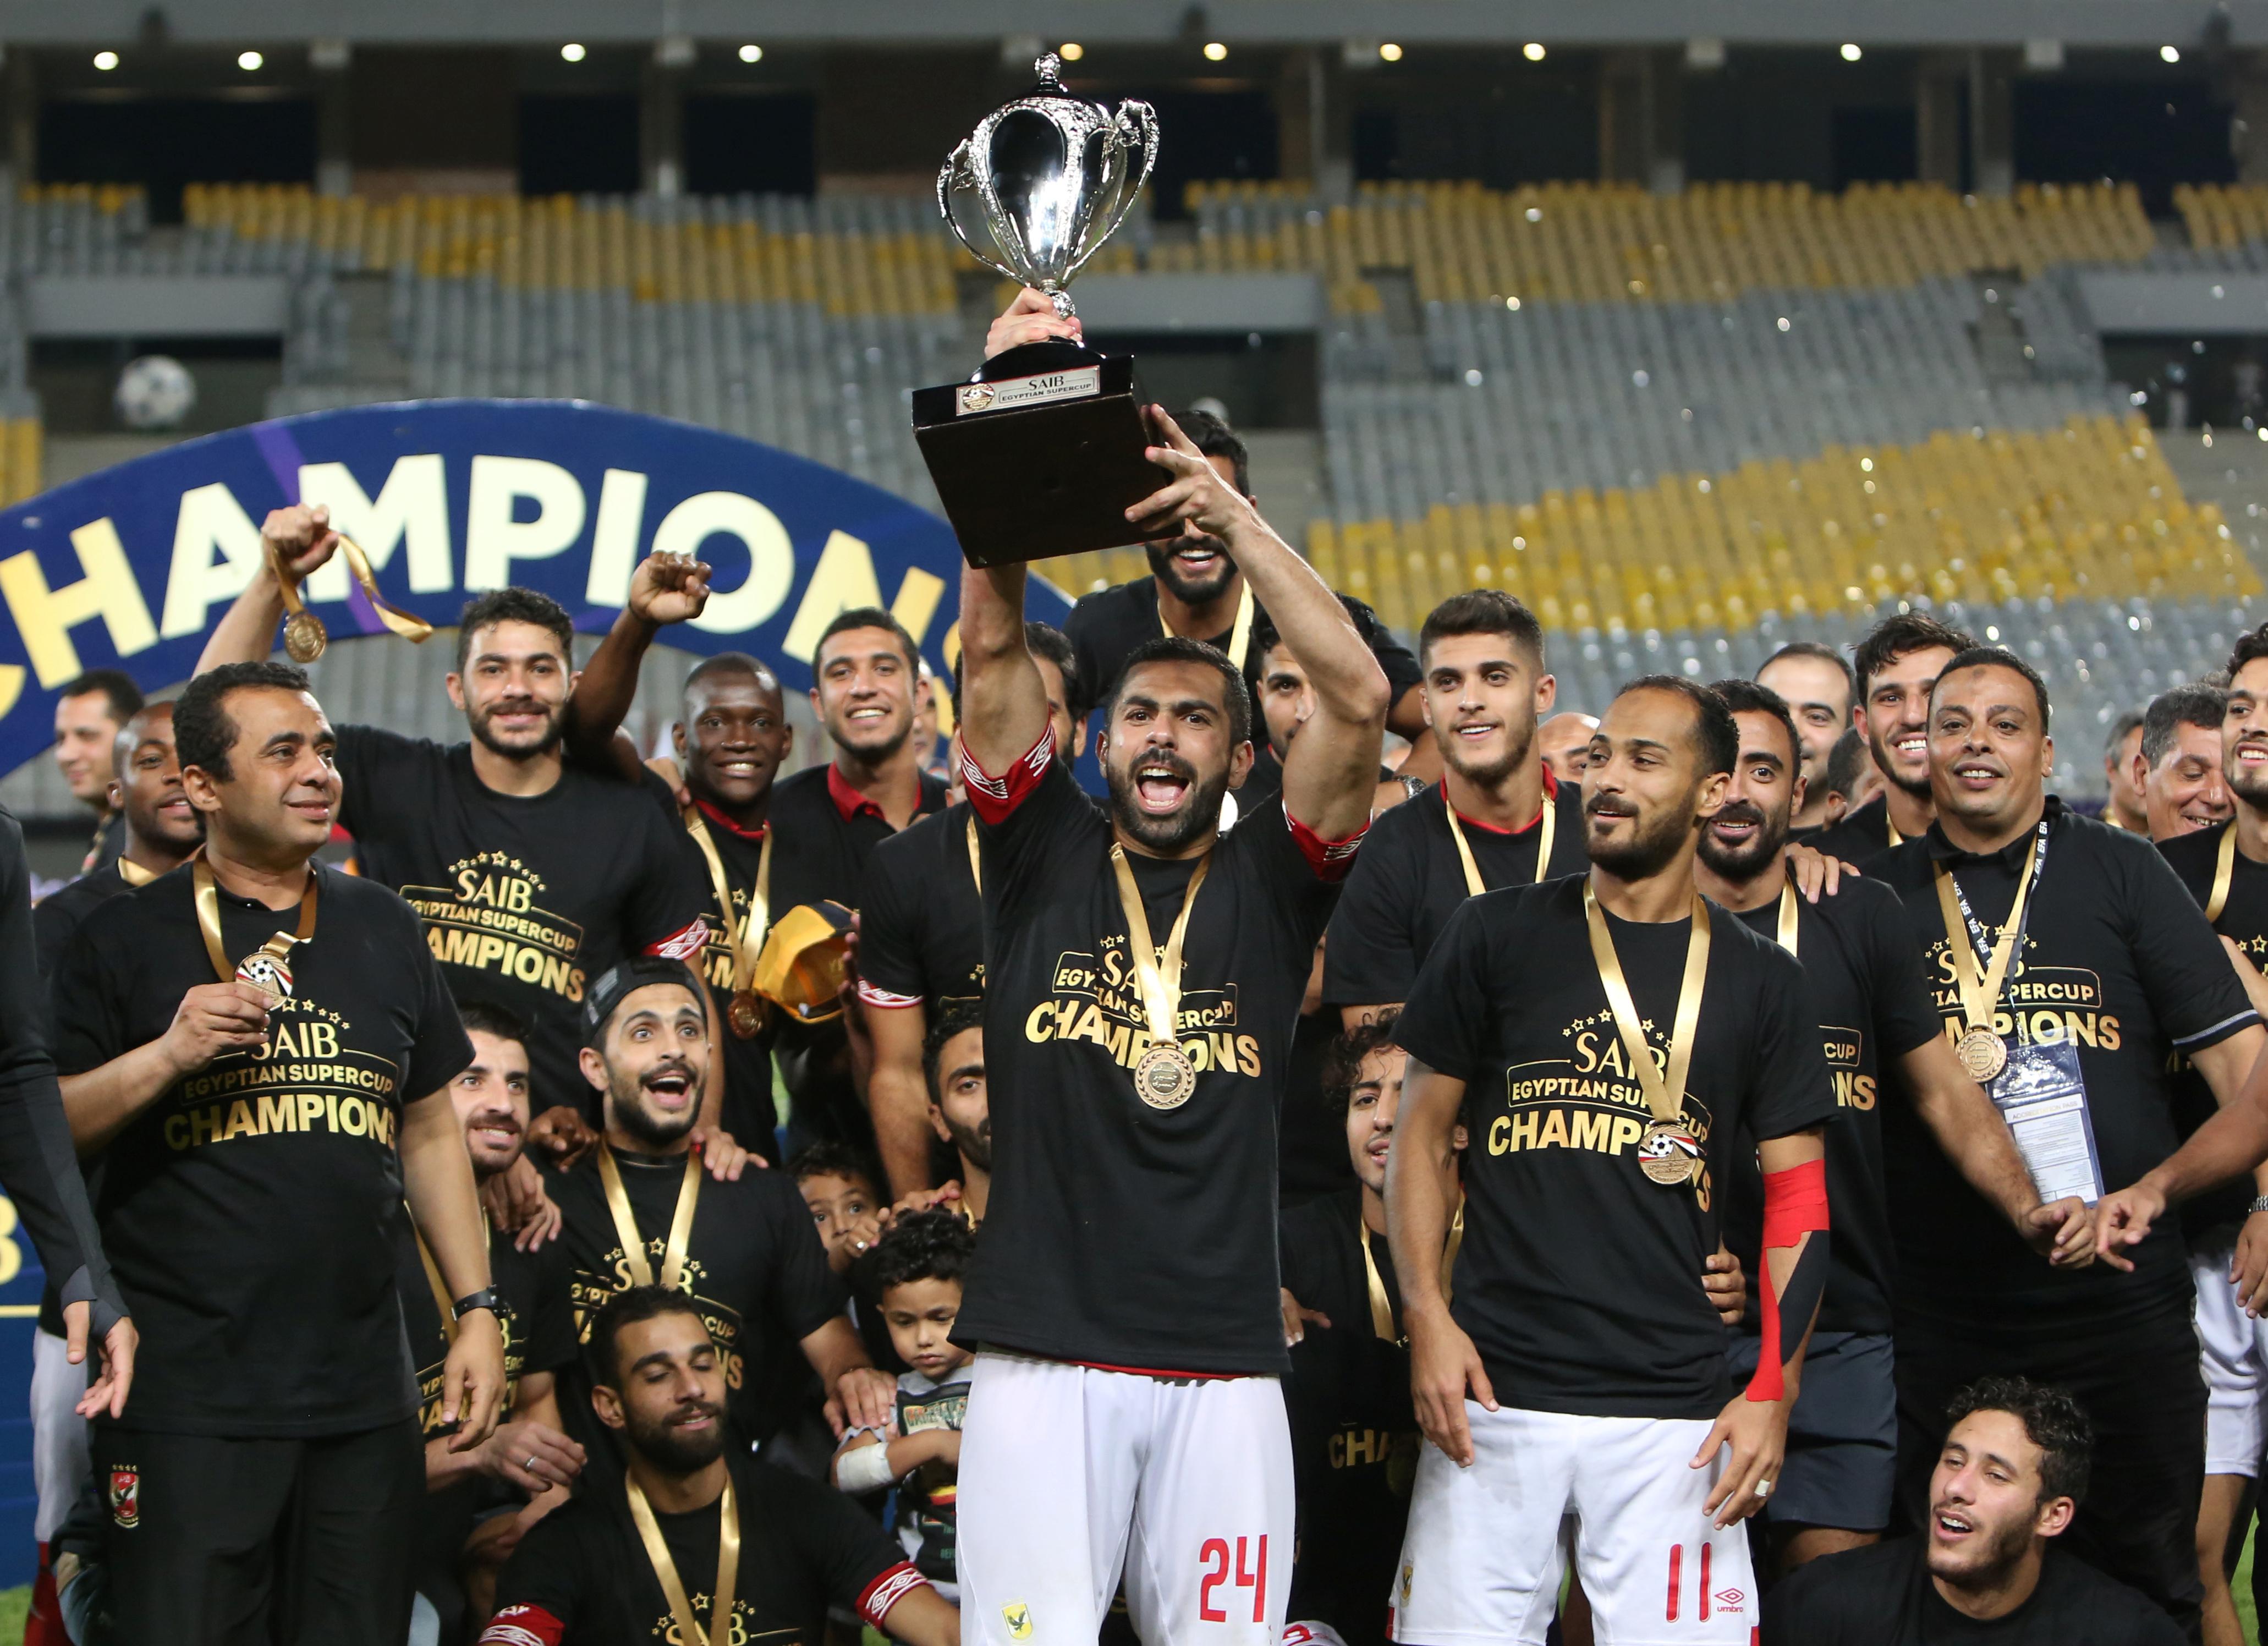 ثنائية أجايي تقود الأهلي للقب كأس السوبر المصرية دبي الرياضية